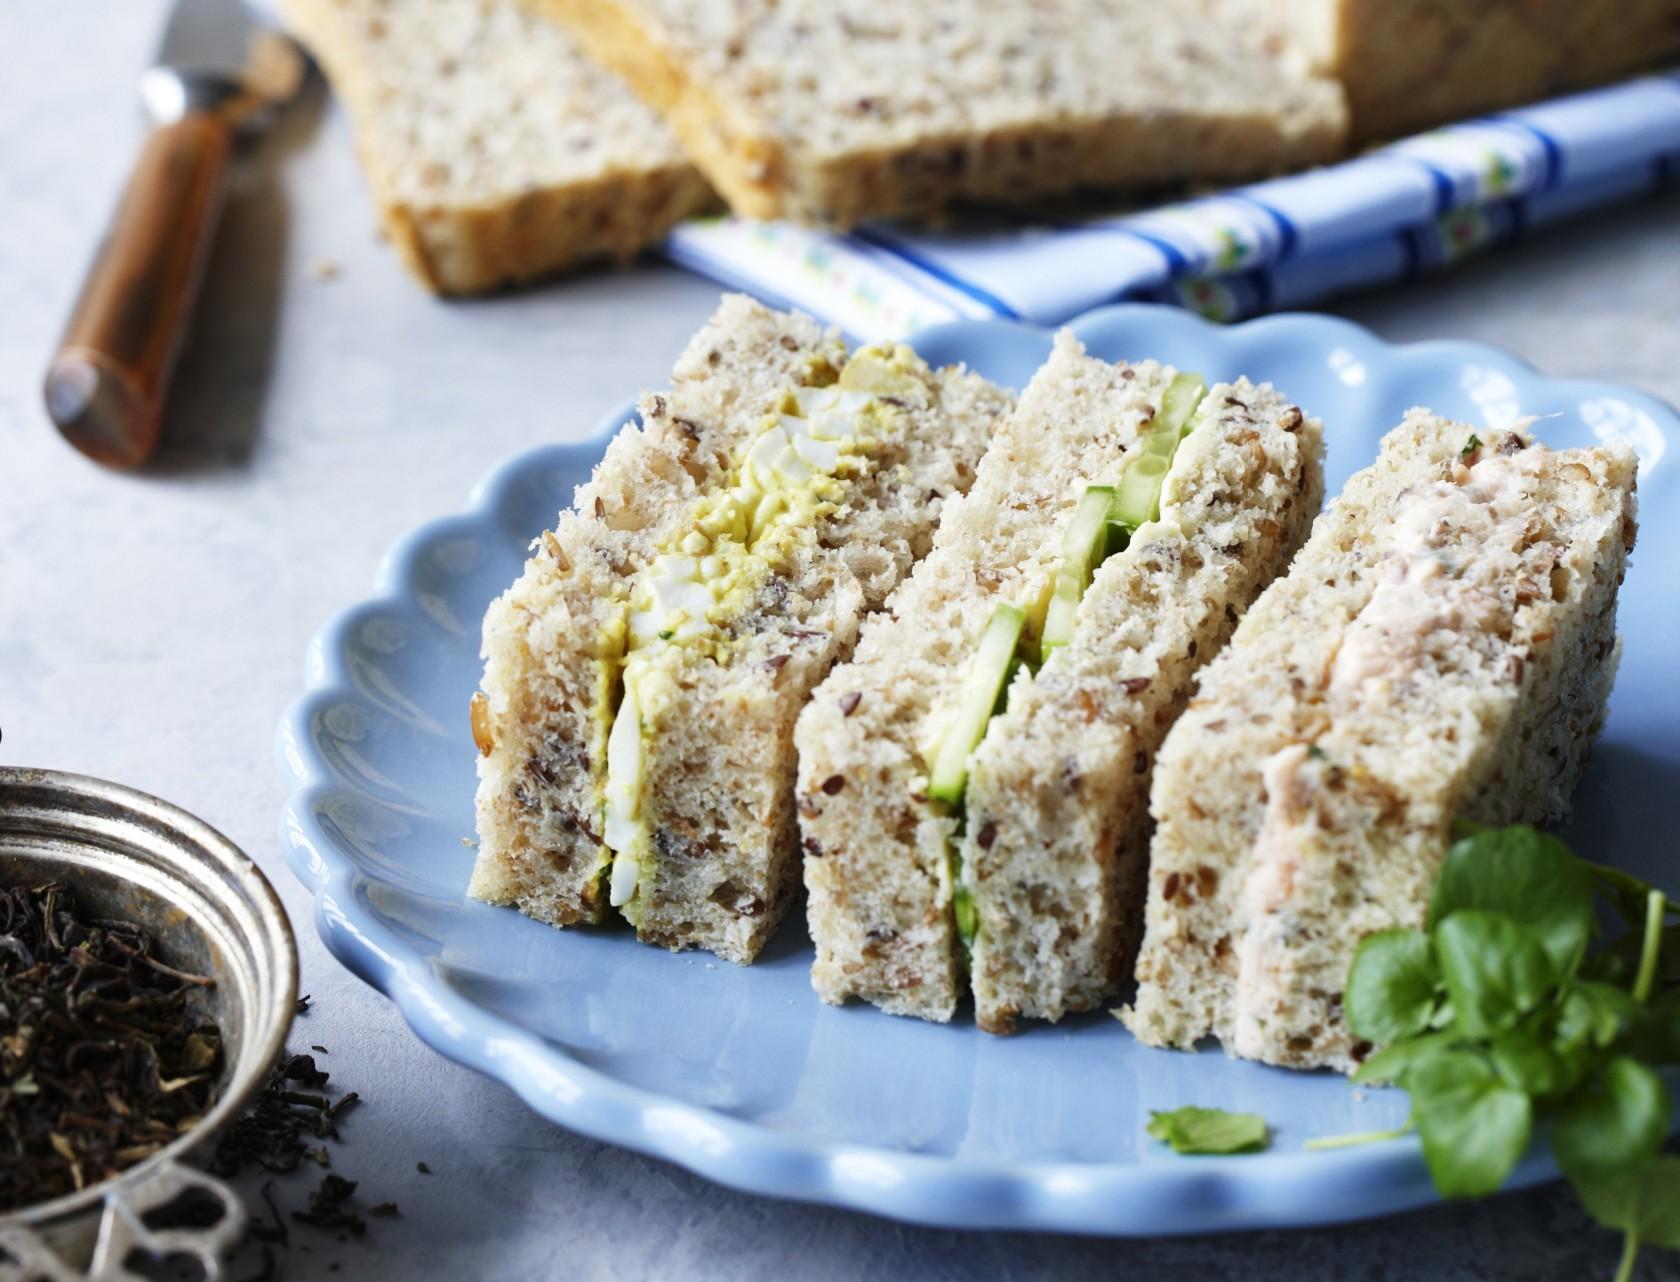 Sandwich med tre forskellige fyld - perfekt opskrift til frokost, madpakke eller picnic-kurven.